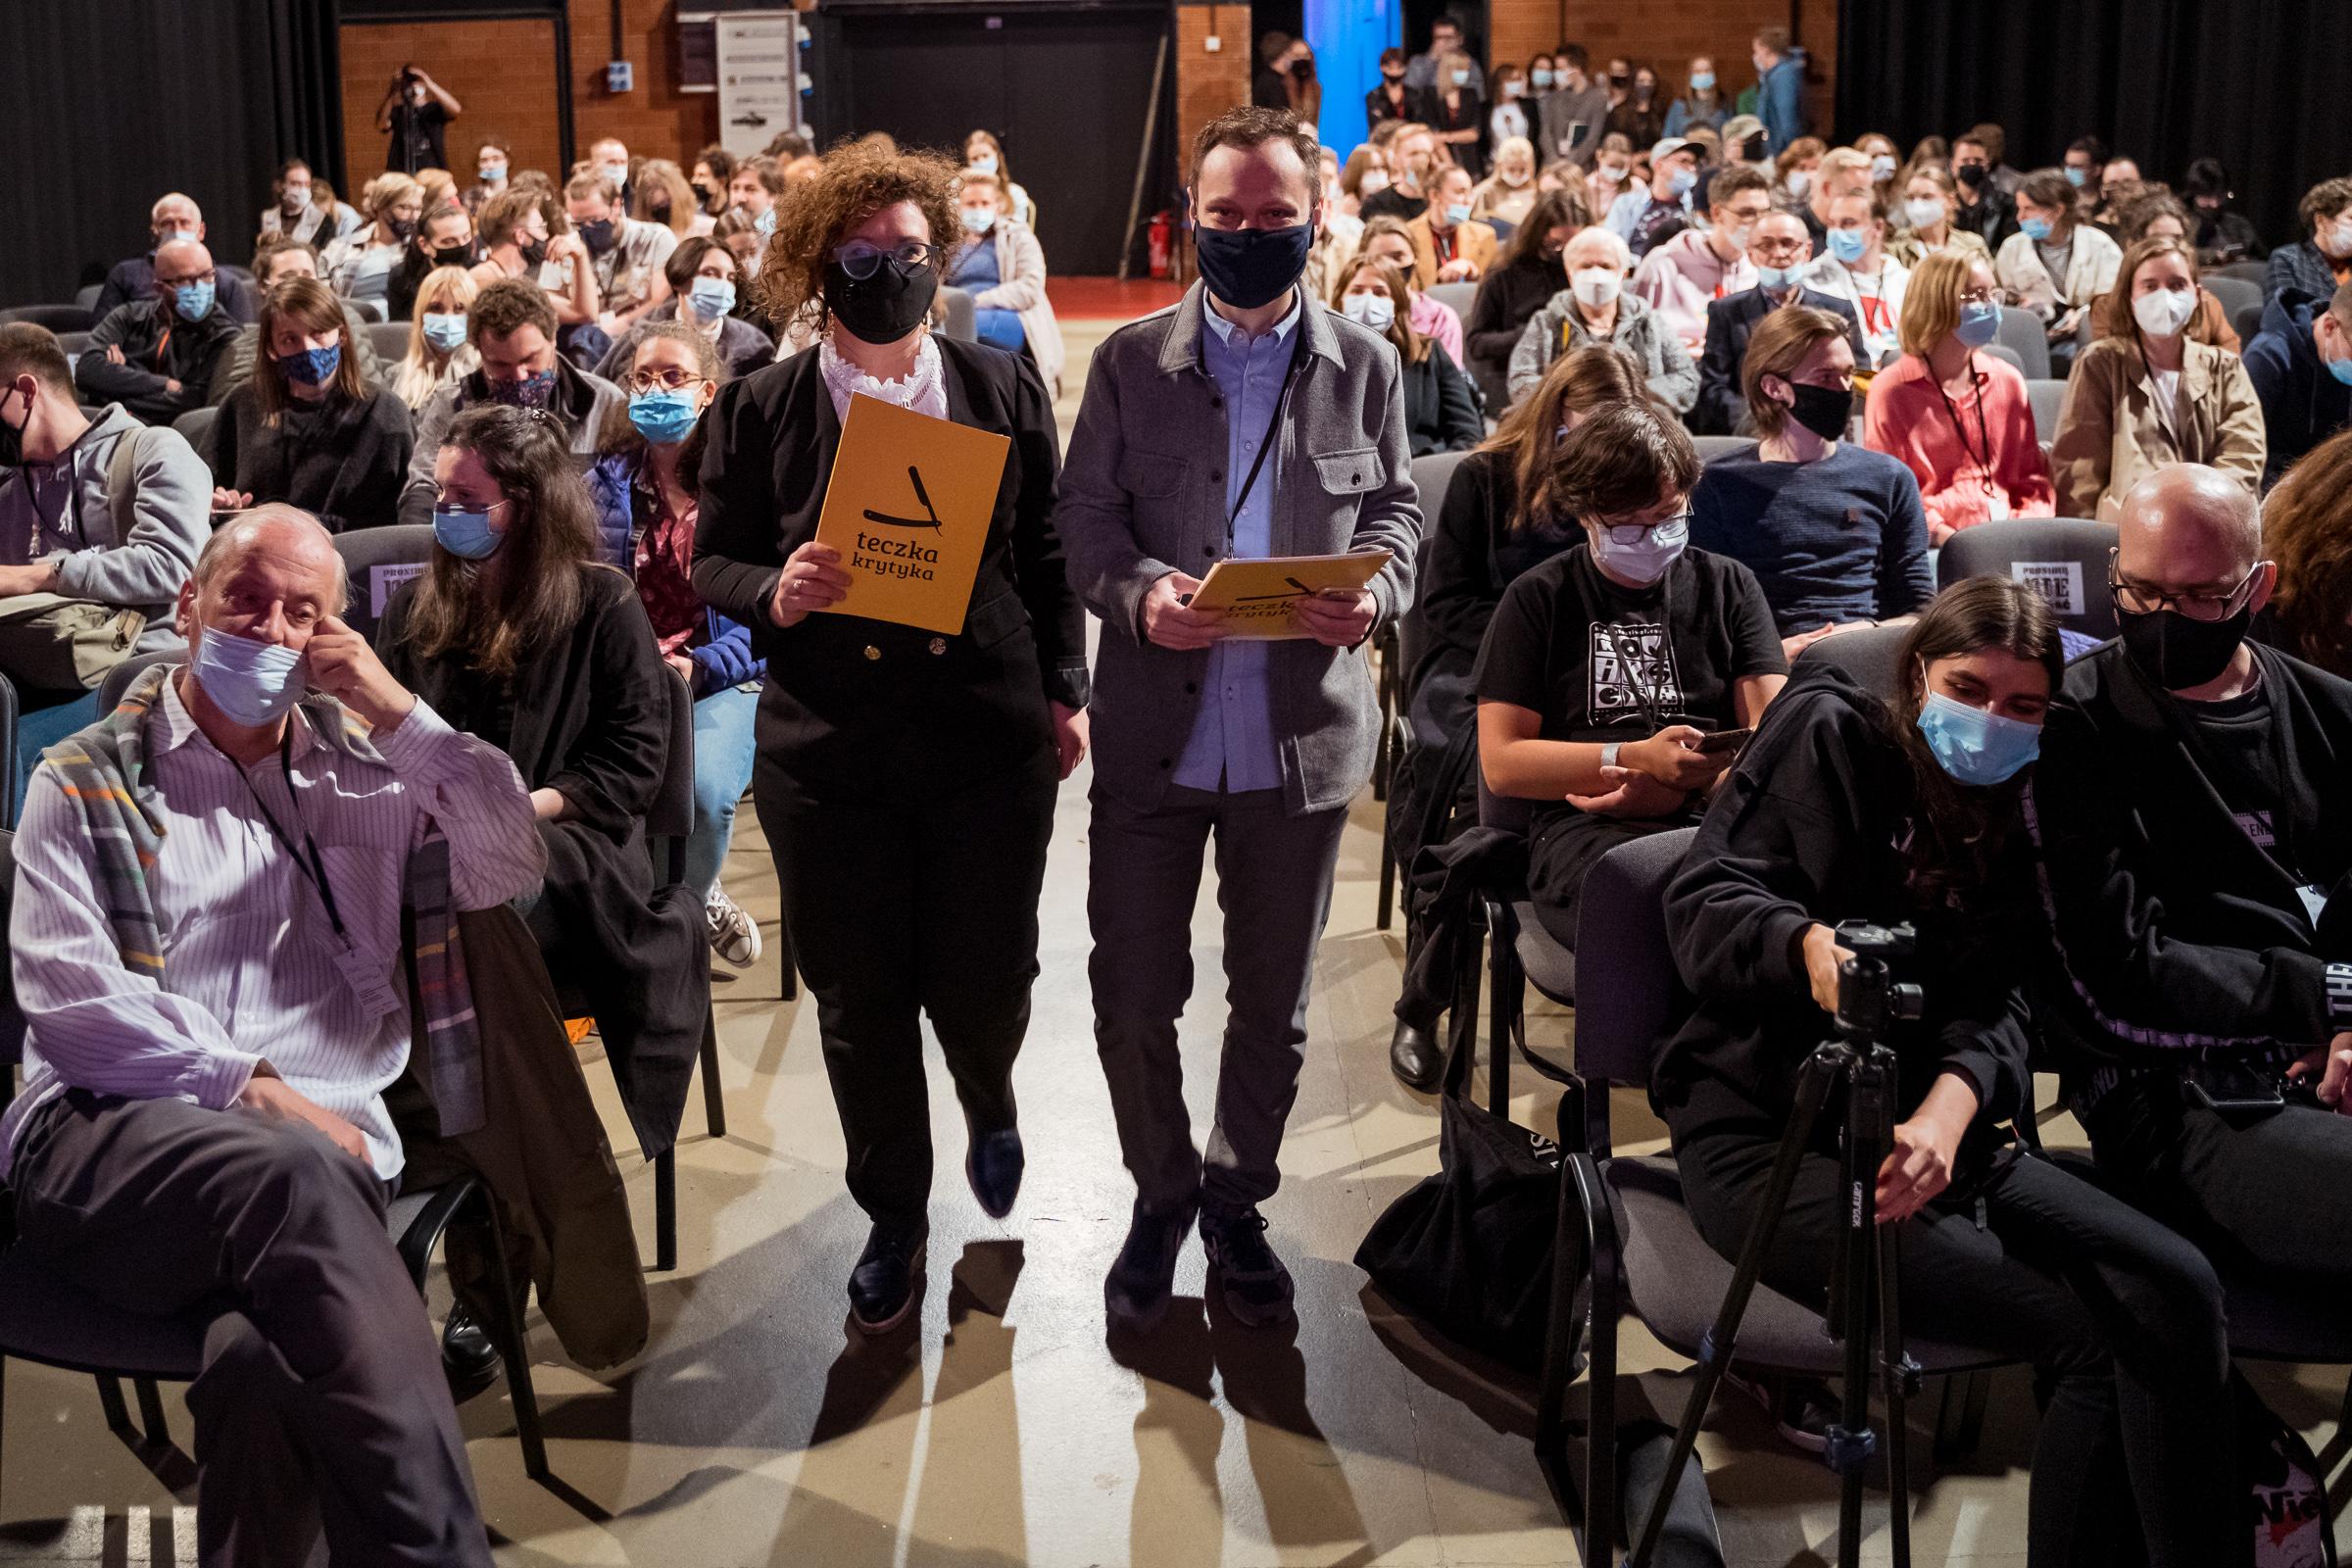 Mocne zakończenie Festiwalu Kamera Akcja! - Zdjęcie główne